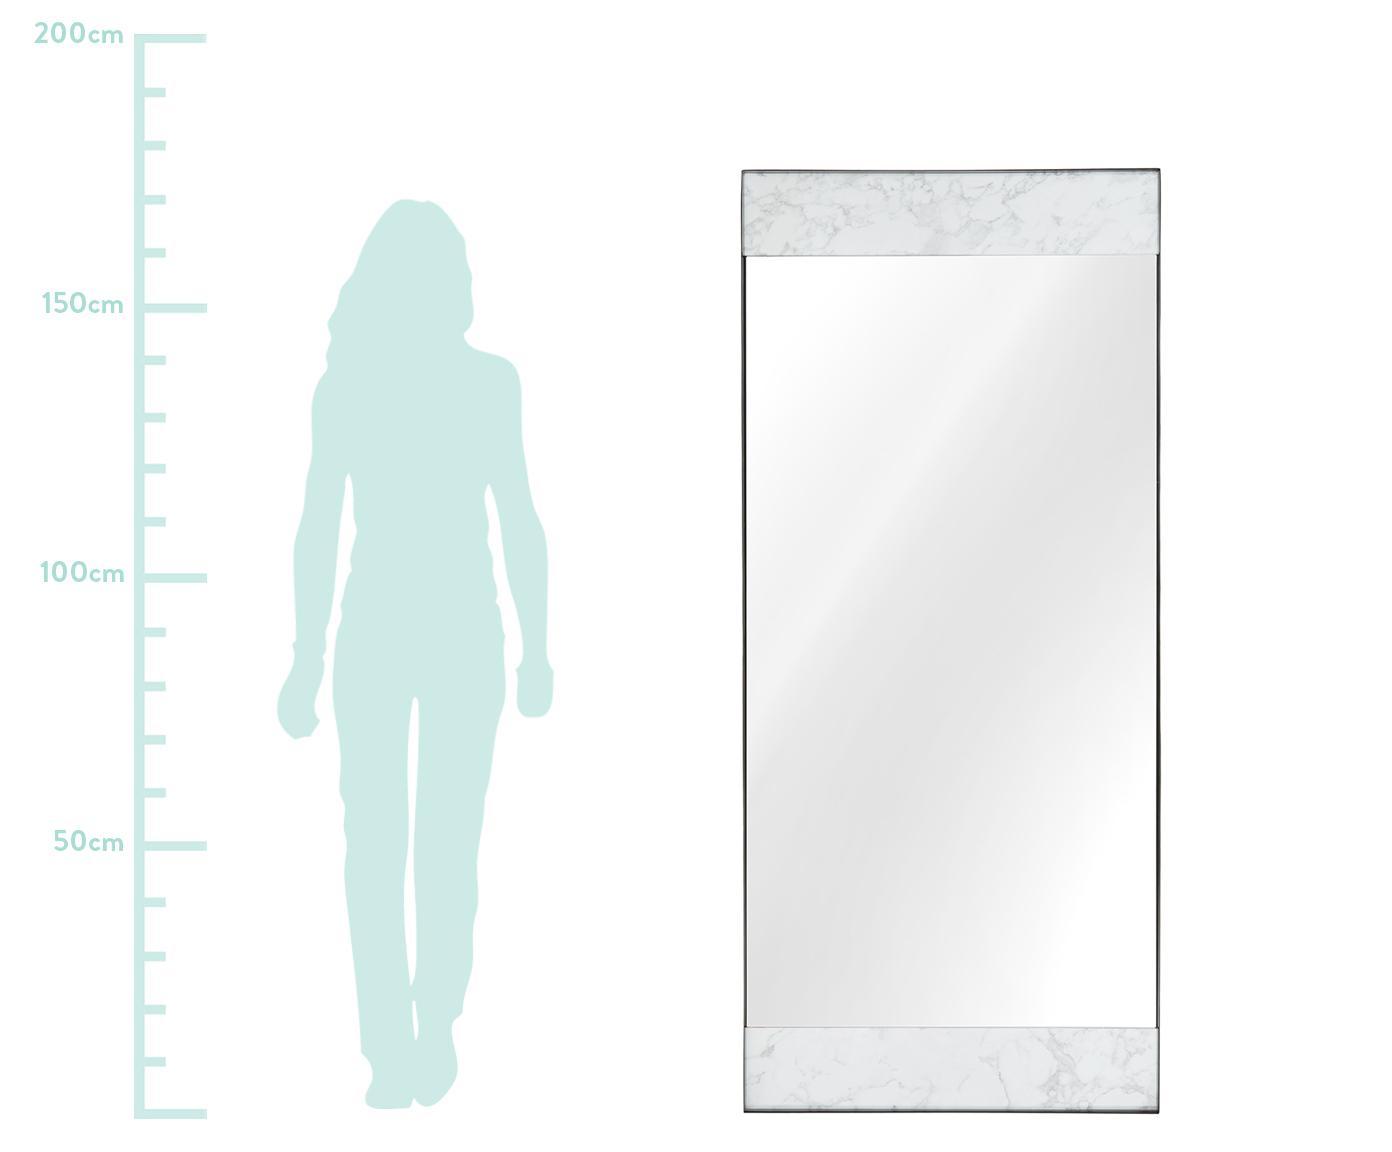 Großer Anlehnspiegel Kopenhagen in Marmoroptik, Rahmen: Melamin, Metall, Spiegelfläche: Spiegelglas, Rückseite: Mitteldichte Holzfaserpla, Weiß marmoriert, Schwarz, 75 x 176 cm